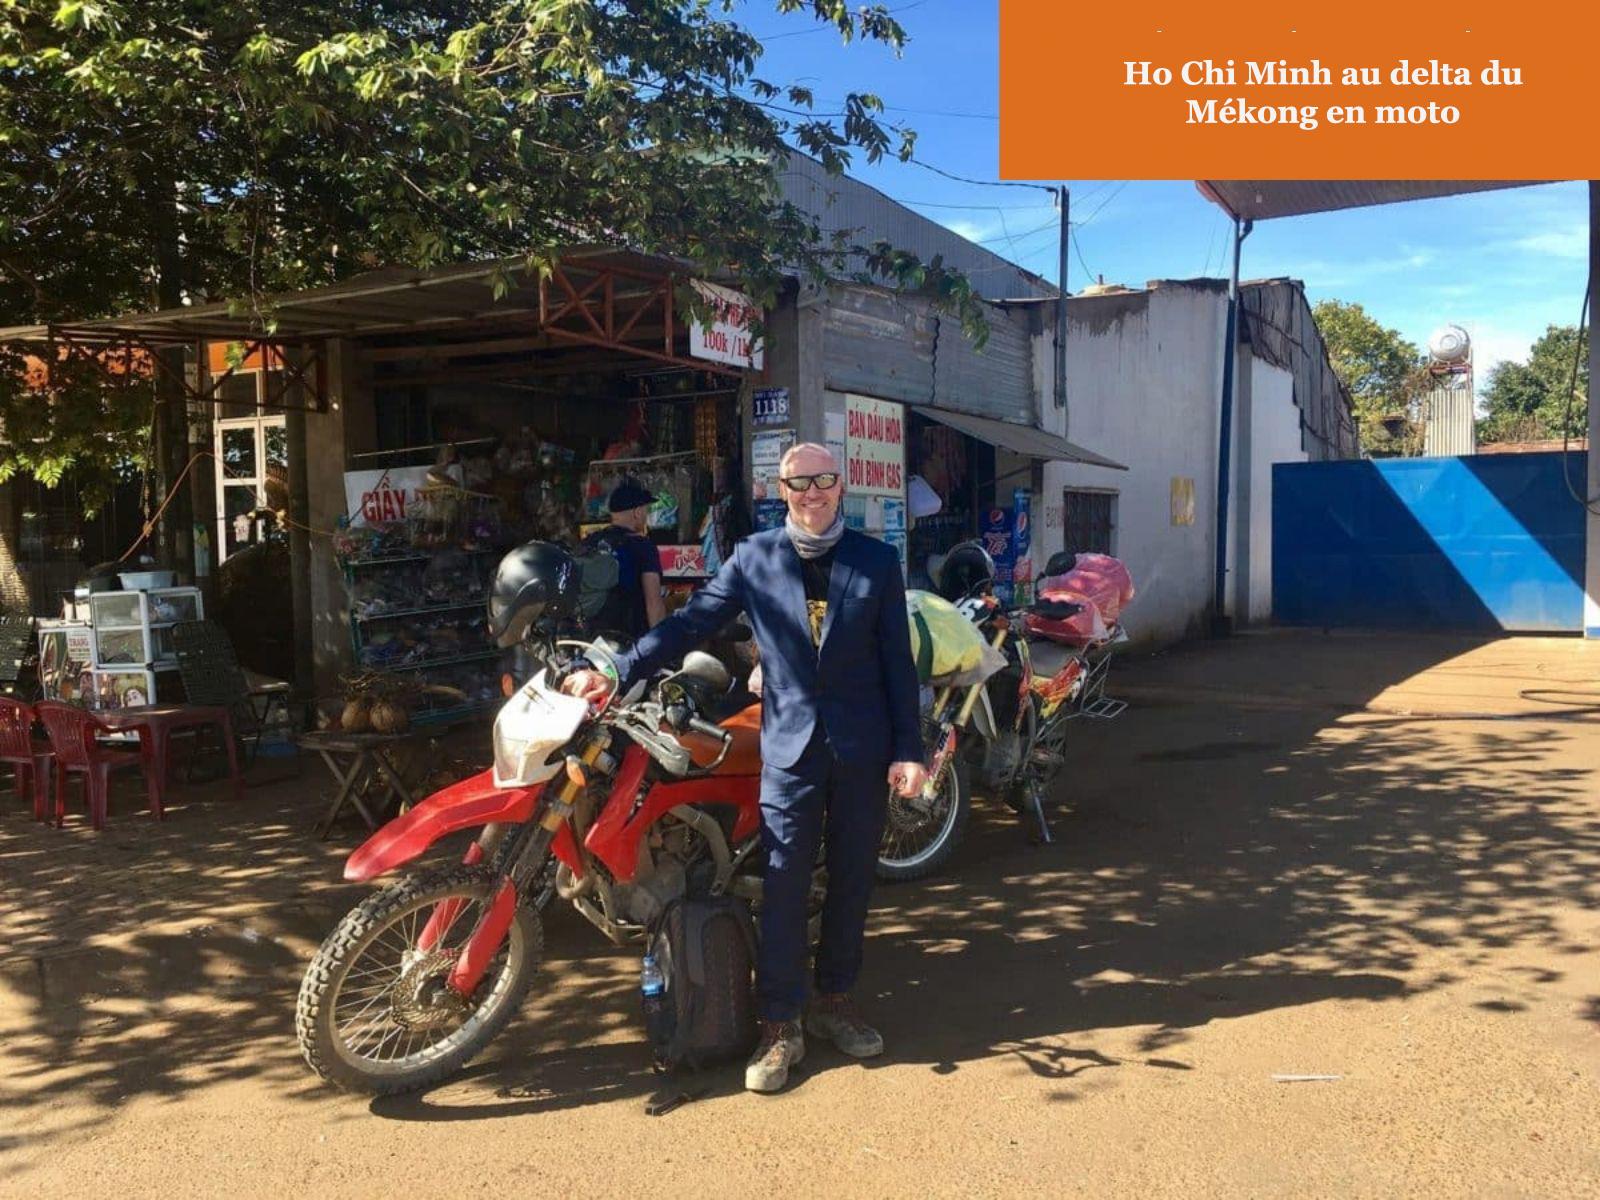 De Ho Chi Minh au delta du Mékong en moto